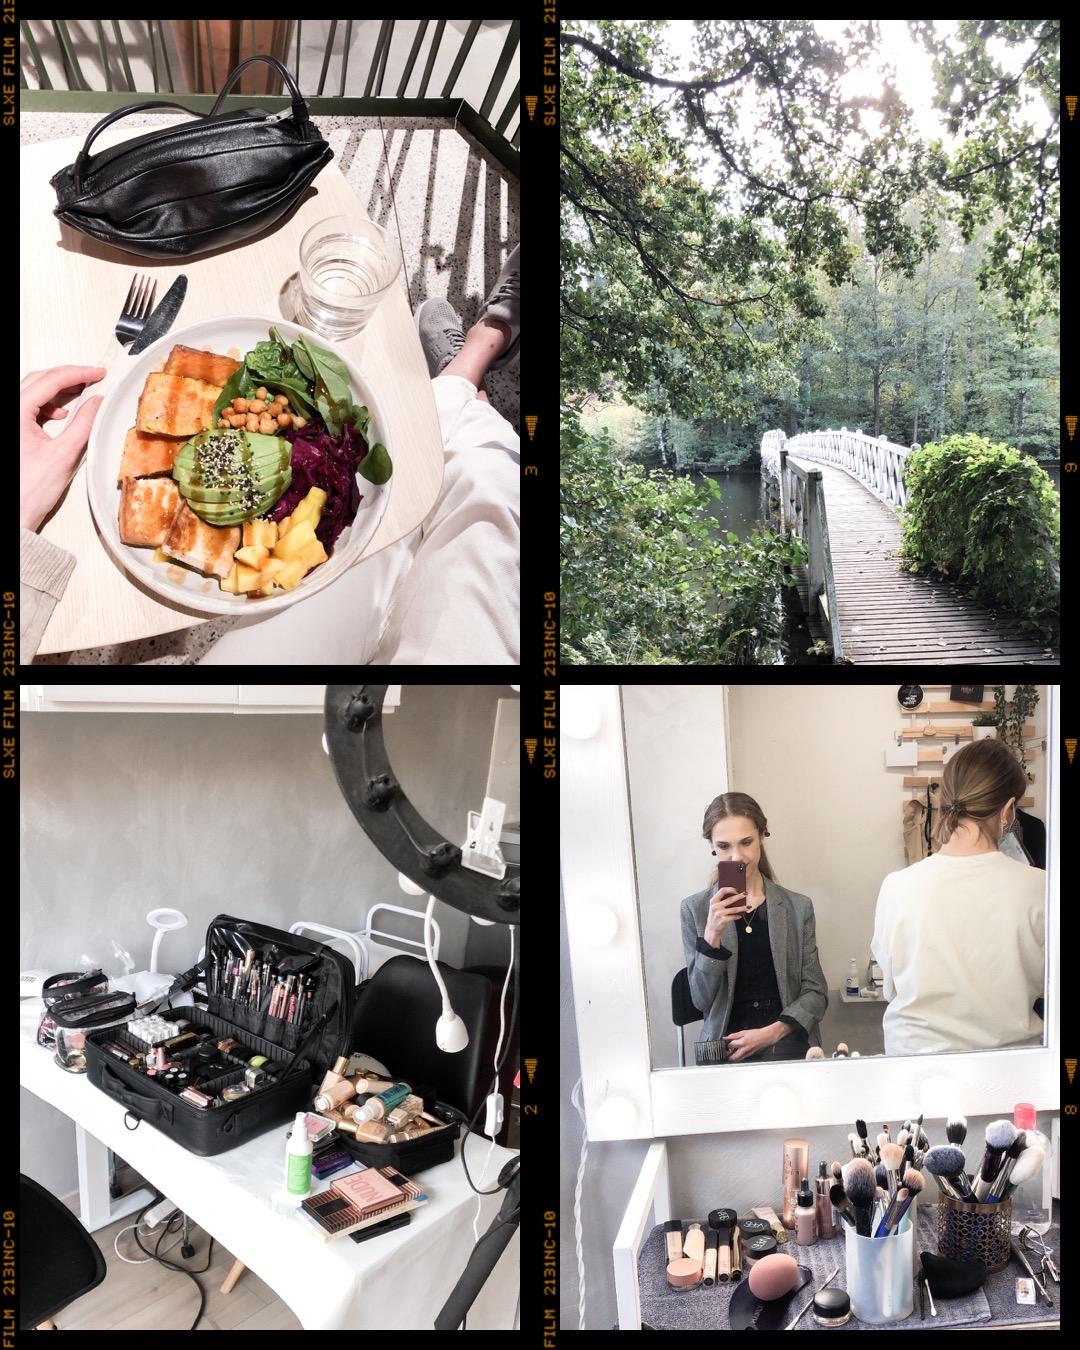 Syksyn kuvia // Autumn photos